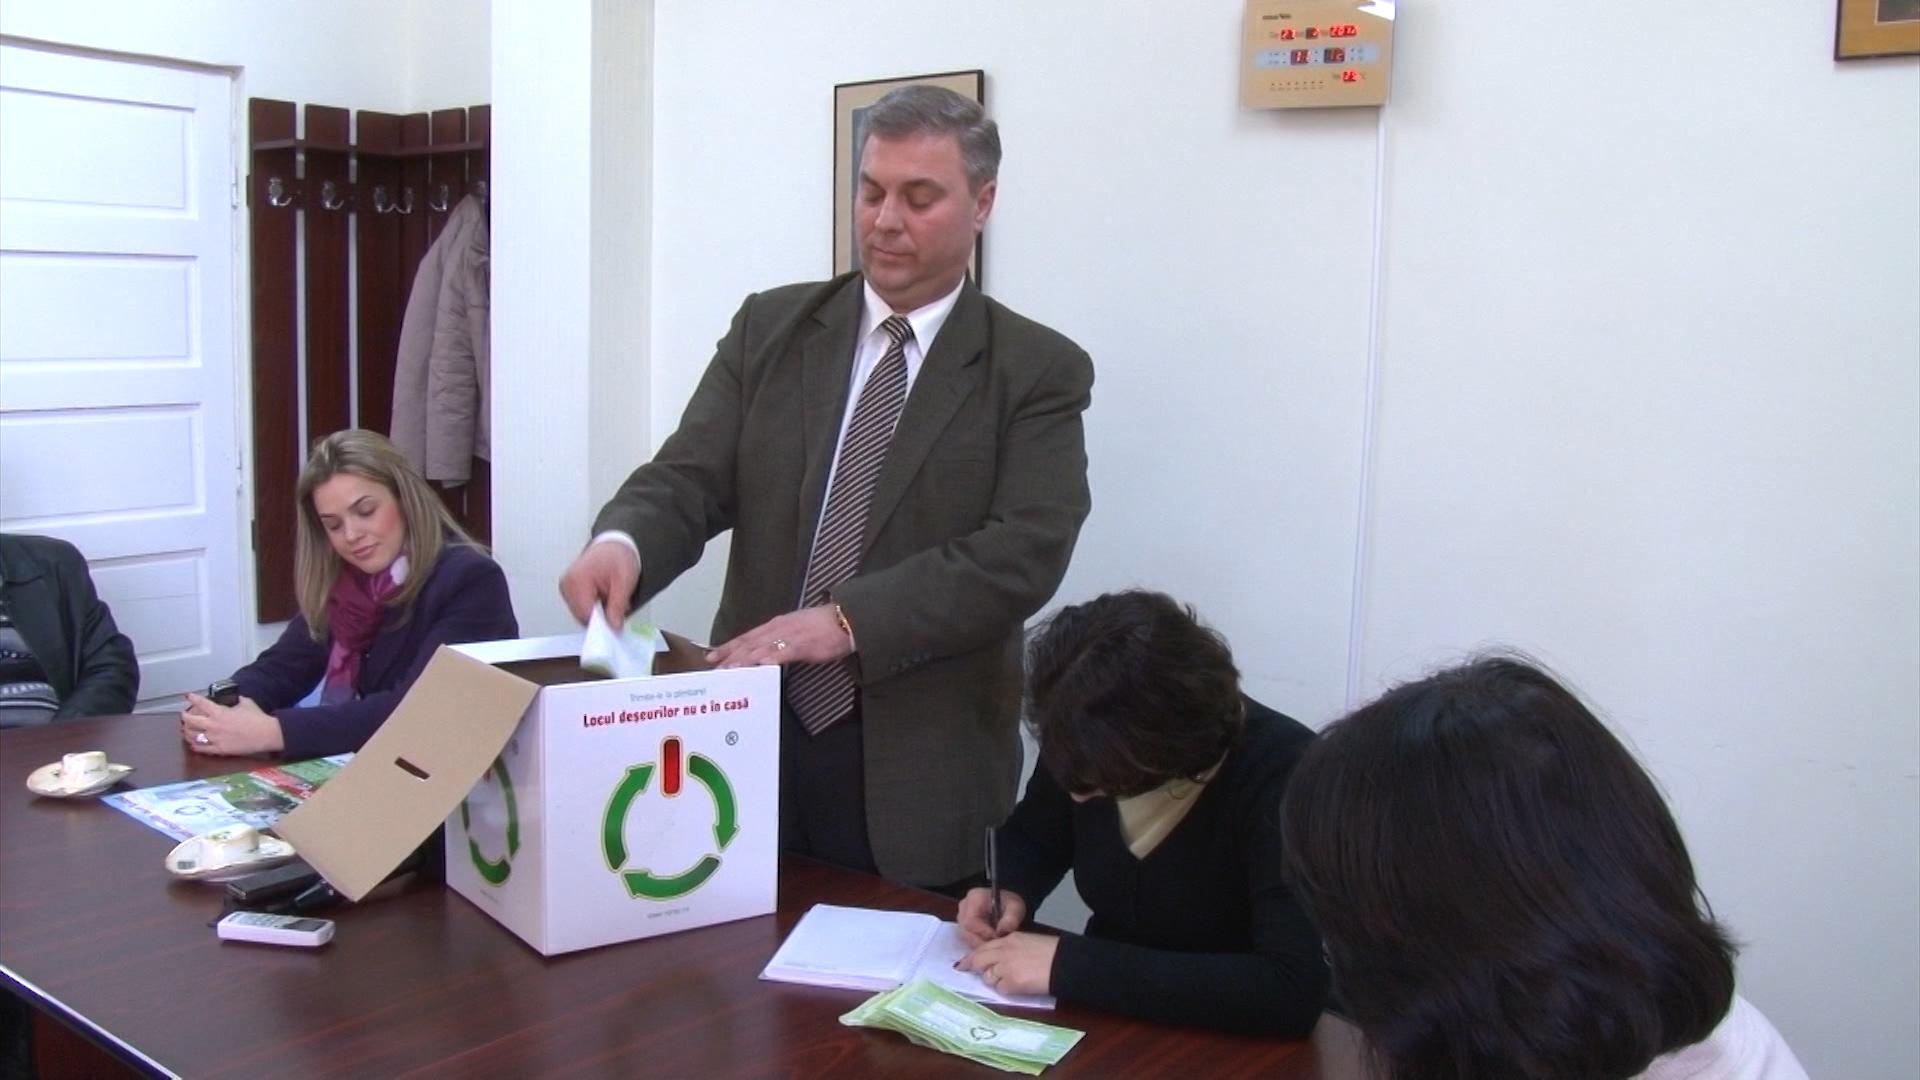 Șeful hingherilor târgoviște nu sunt… spiriduși – VIDEO